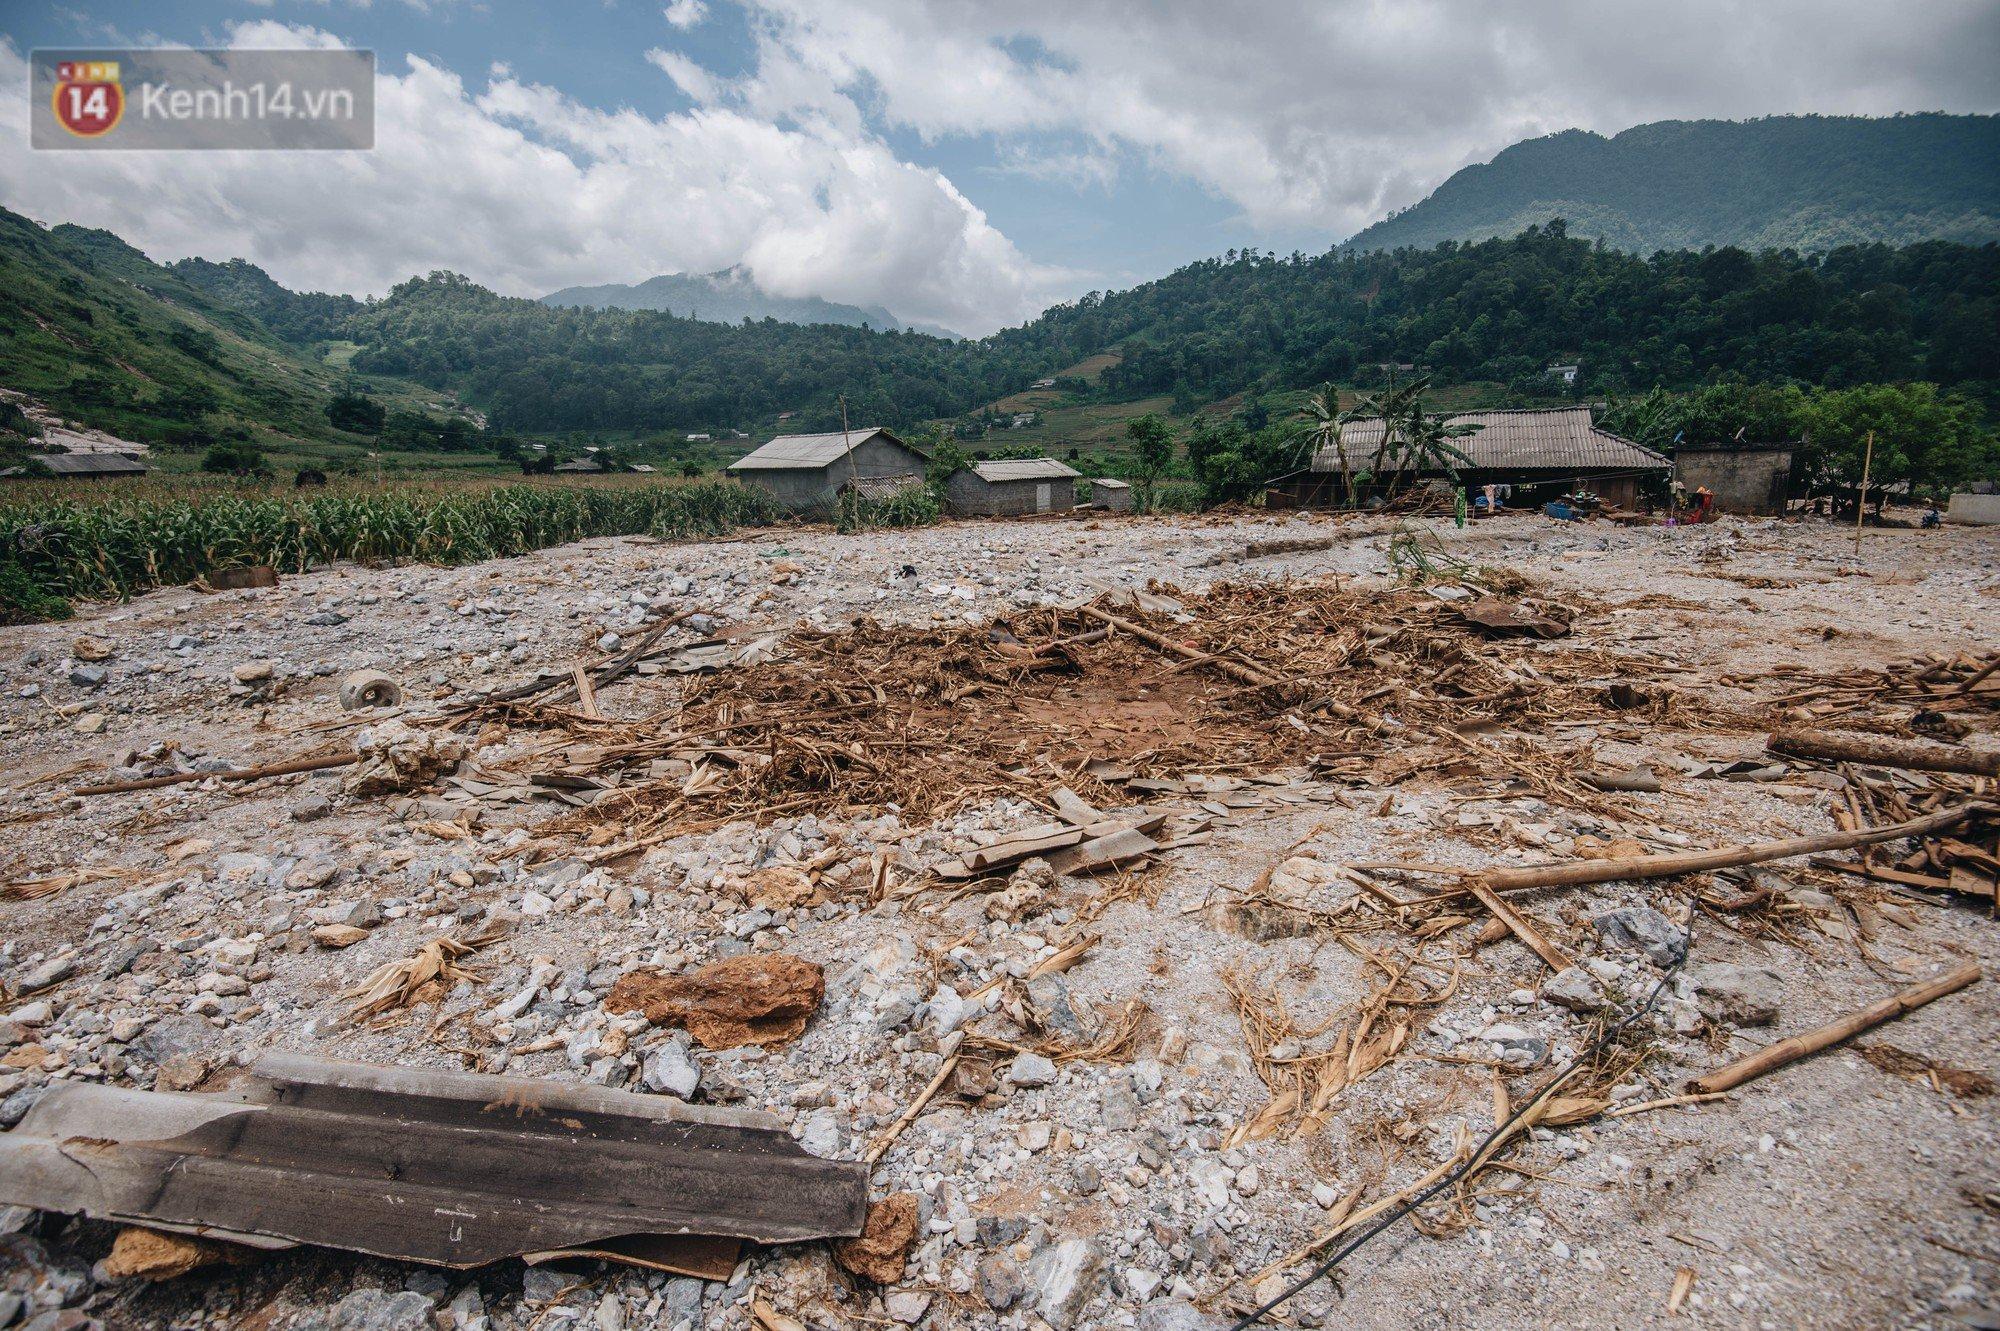 Trận lũ đau thương ở Hà Giang trong vòng 10 năm qua: 'Giờ đâu còn nhà nữa, mất hết, lũ cuốn trôi hết rồi...' 10